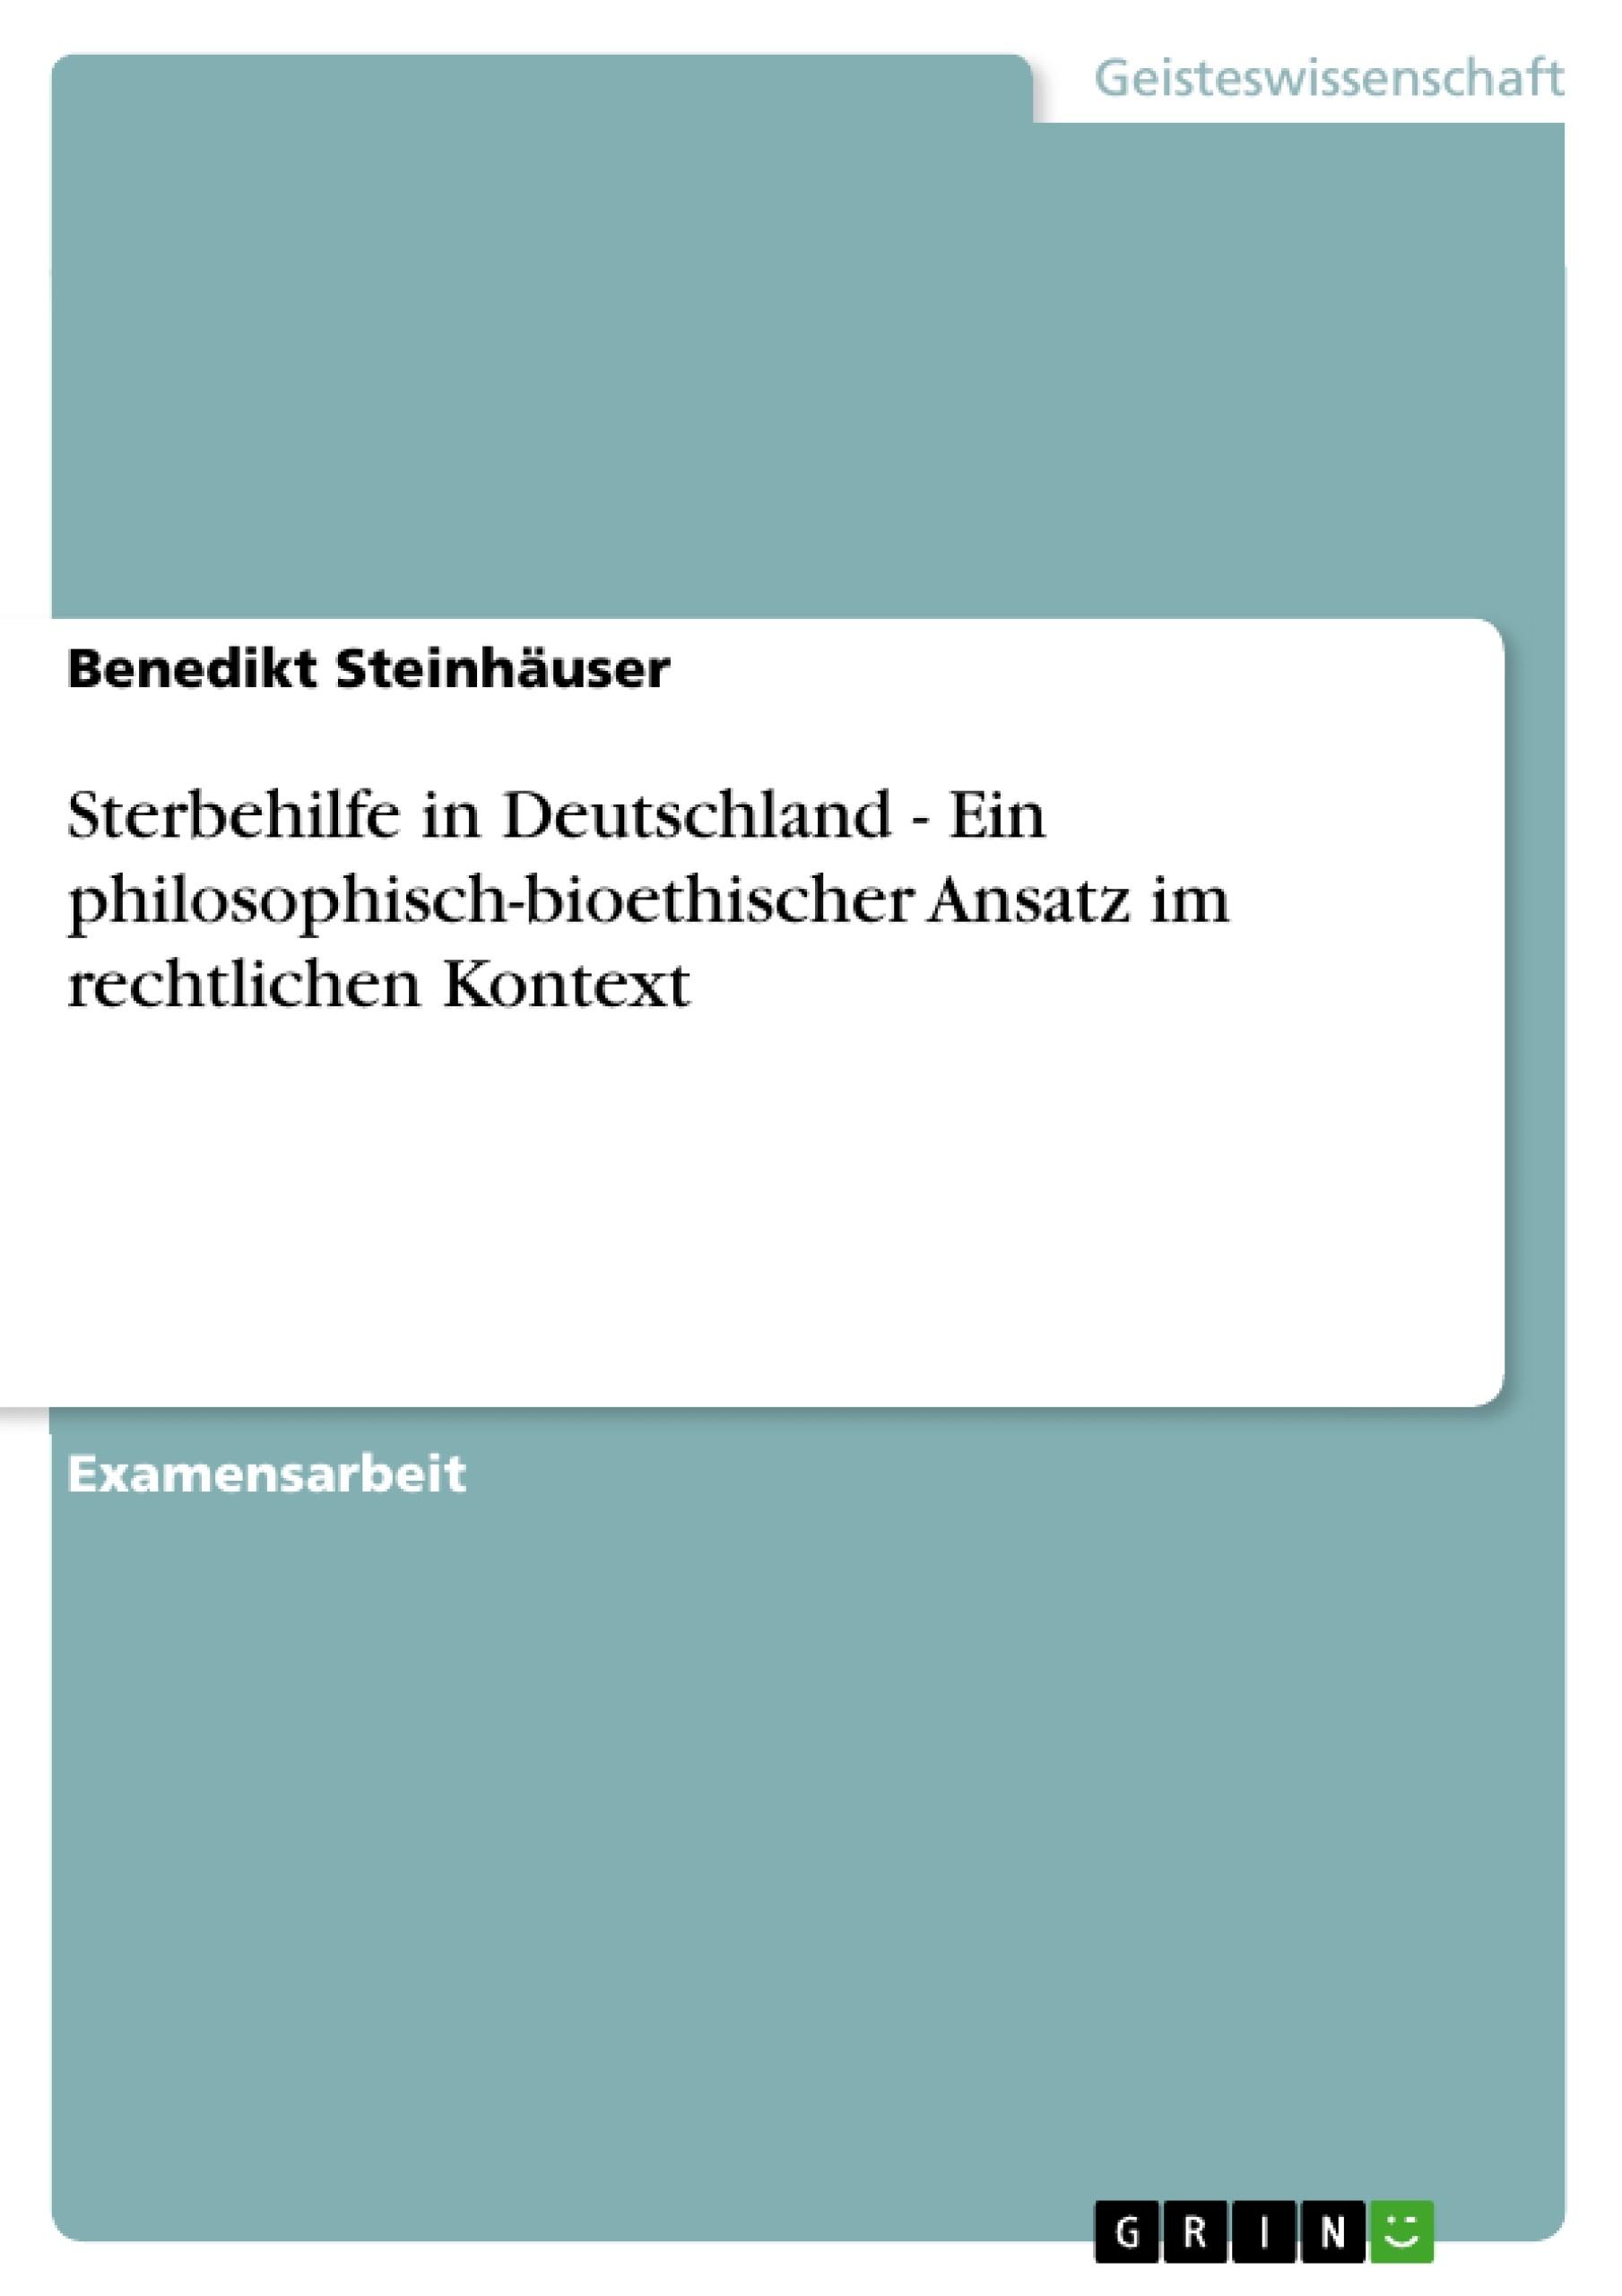 Titel: Sterbehilfe in Deutschland - Ein philosophisch-bioethischer Ansatz im rechtlichen Kontext